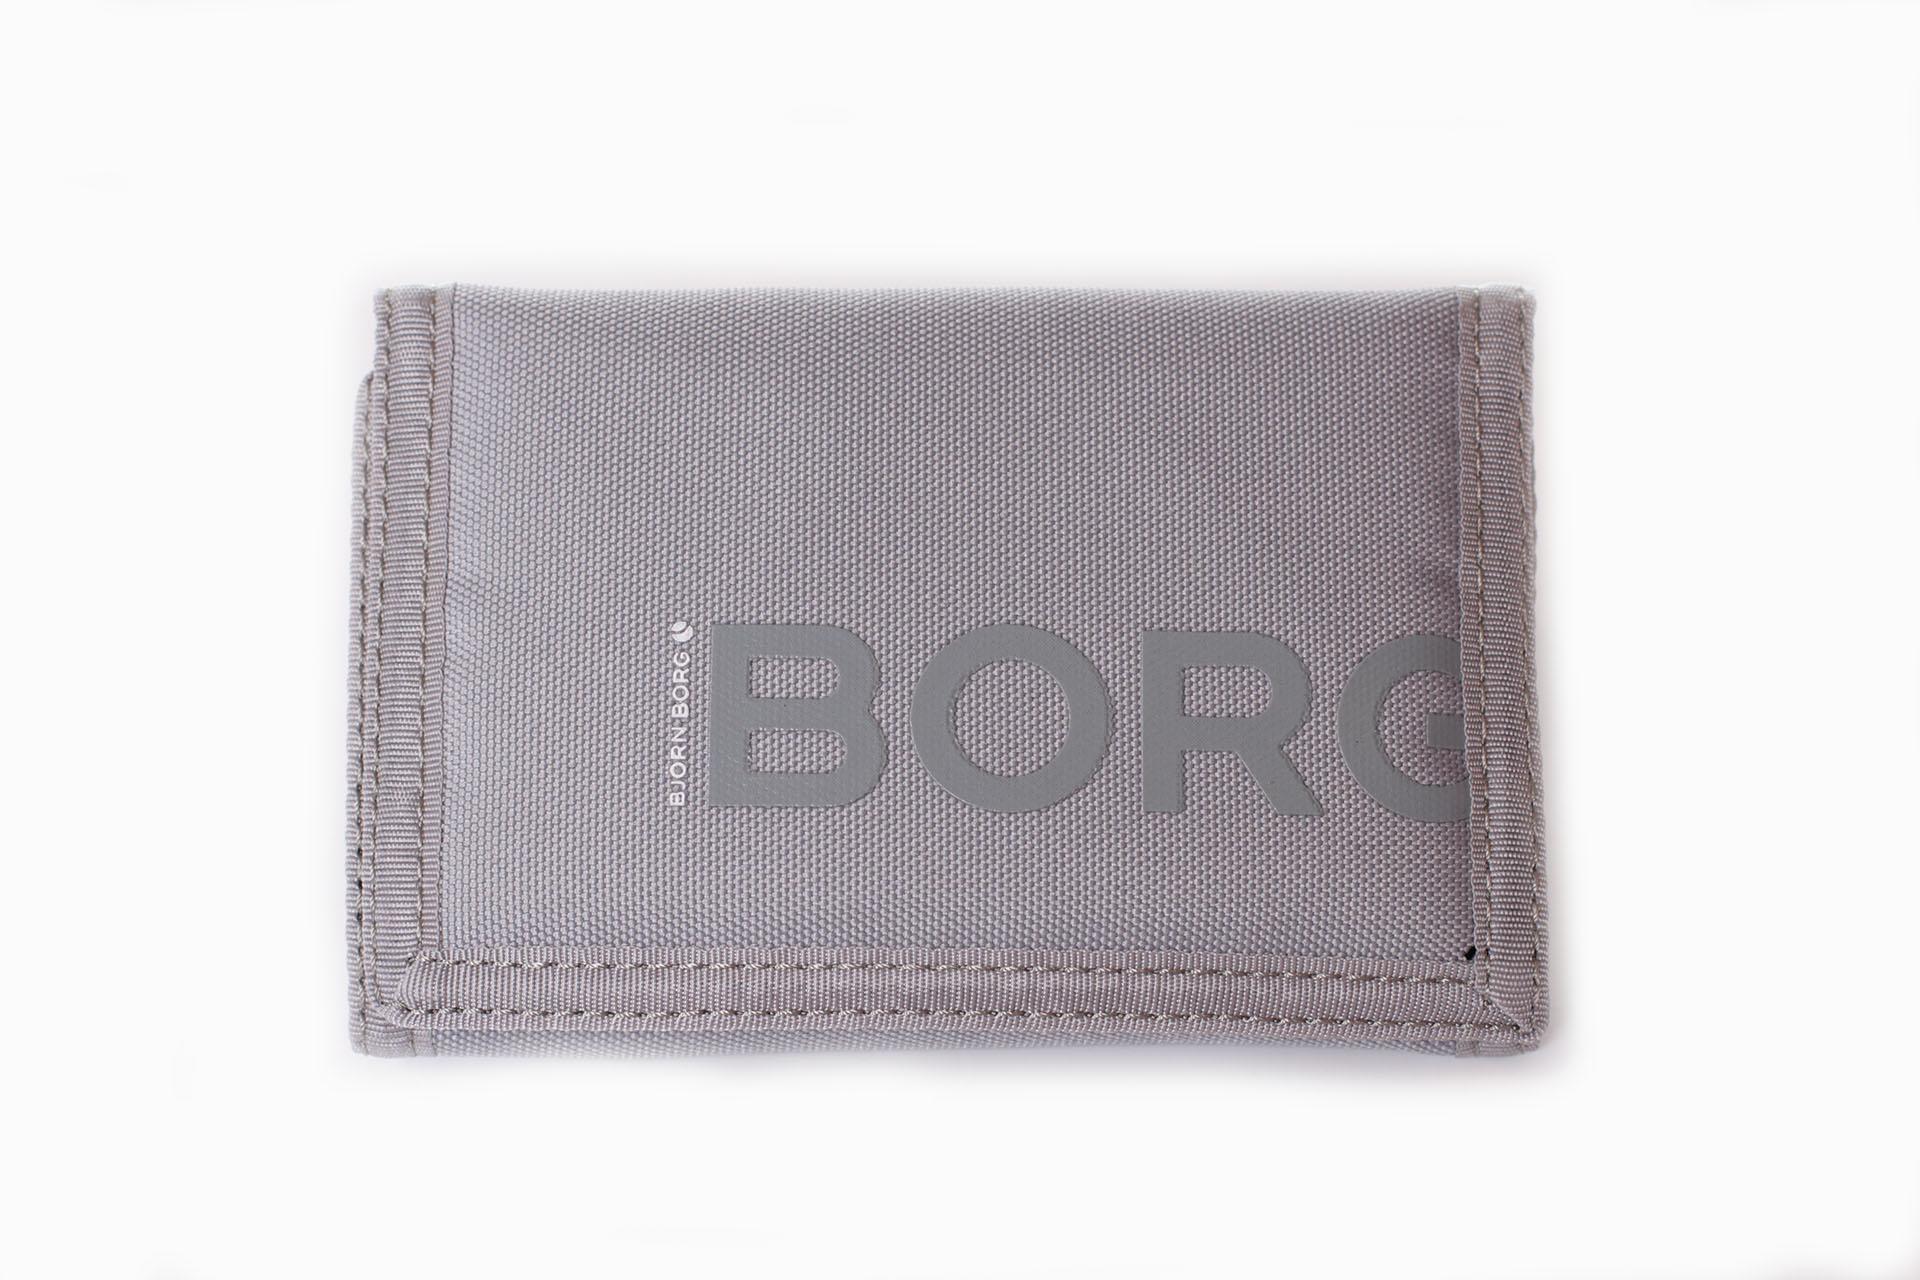 Björn Borg Wallet Szürke Unisex Pénztárca 235b2467f5